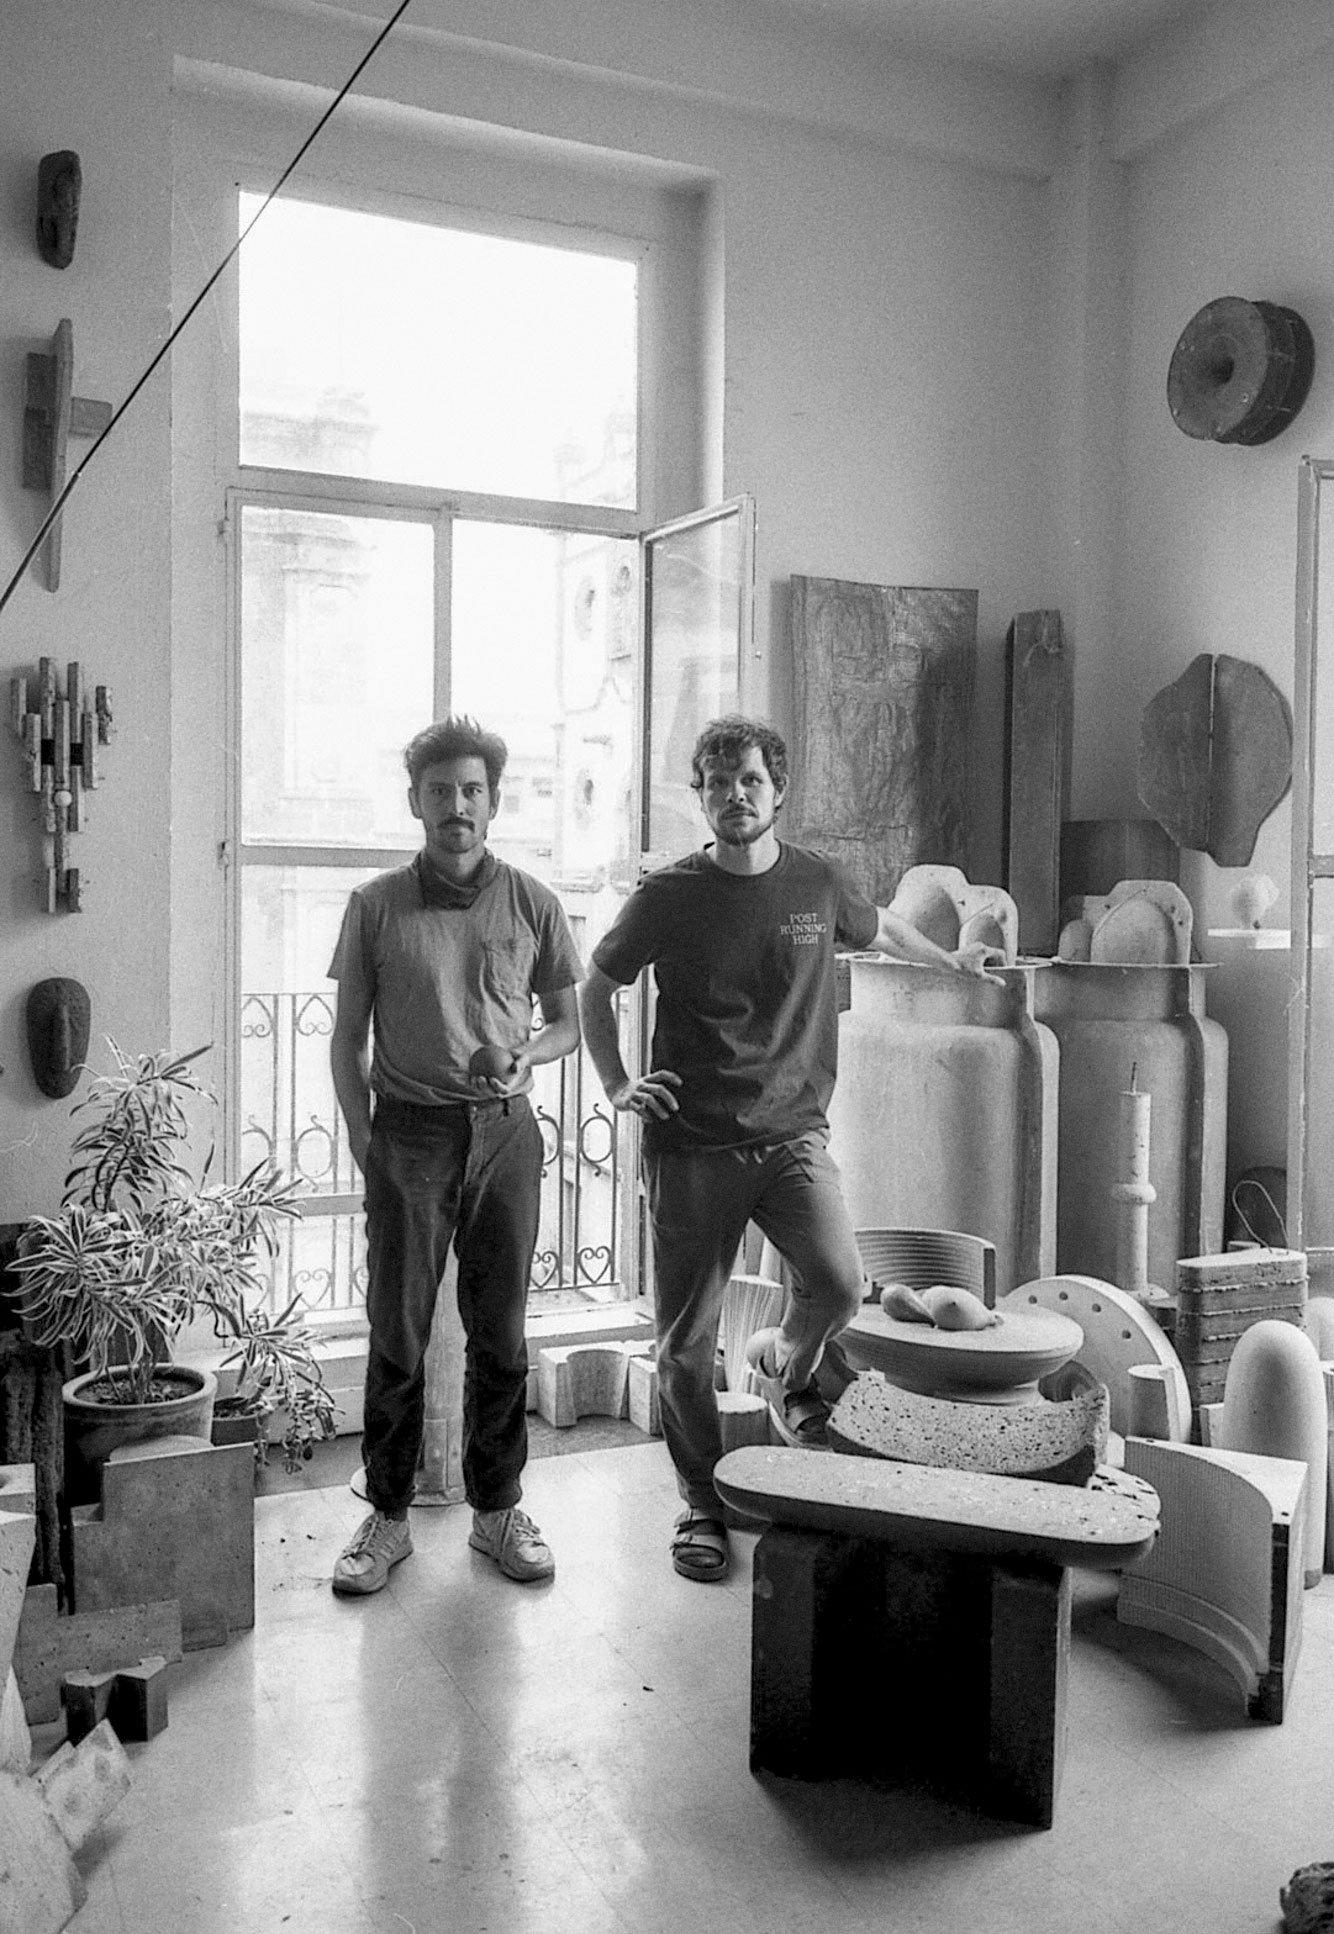 Die Arbeit des Studios Tezontle bewegt sich zwischen Kunst und Architektur